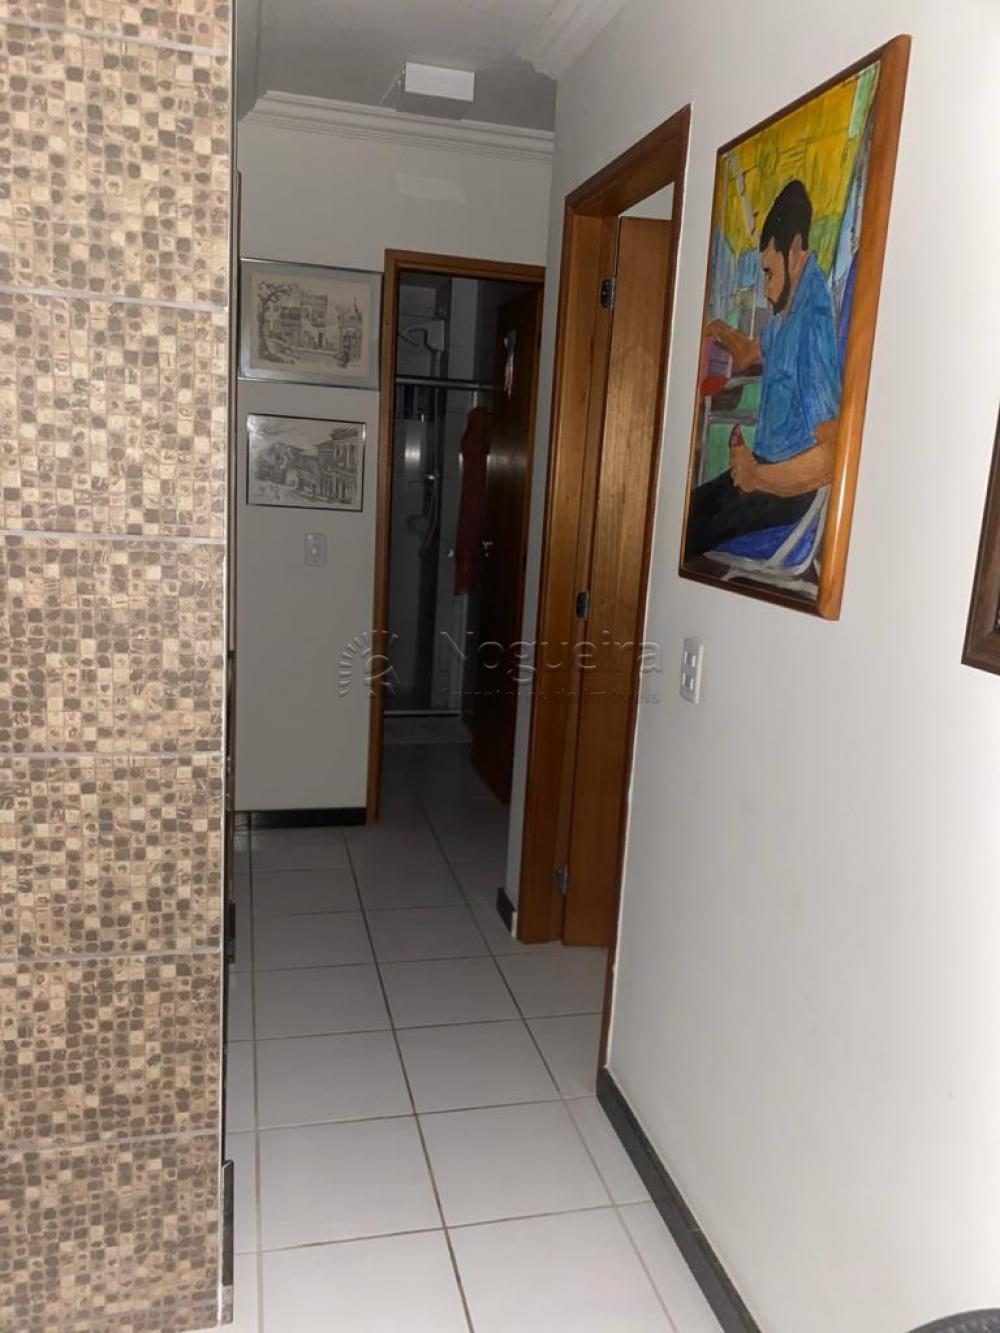 Apartamento localizado no bairro de Casa Amarela.  O imóvel possui 74,08m², sala para 2 ambientes, três quartos, sendo uma suíte, banheiro social, varanda, duas vagas na garagem.  Empreendimento dispõe de piscina, espaço Kids e salão de festas, bicicletário, gás encanado, medidor de água individual.  Agende sua visita!